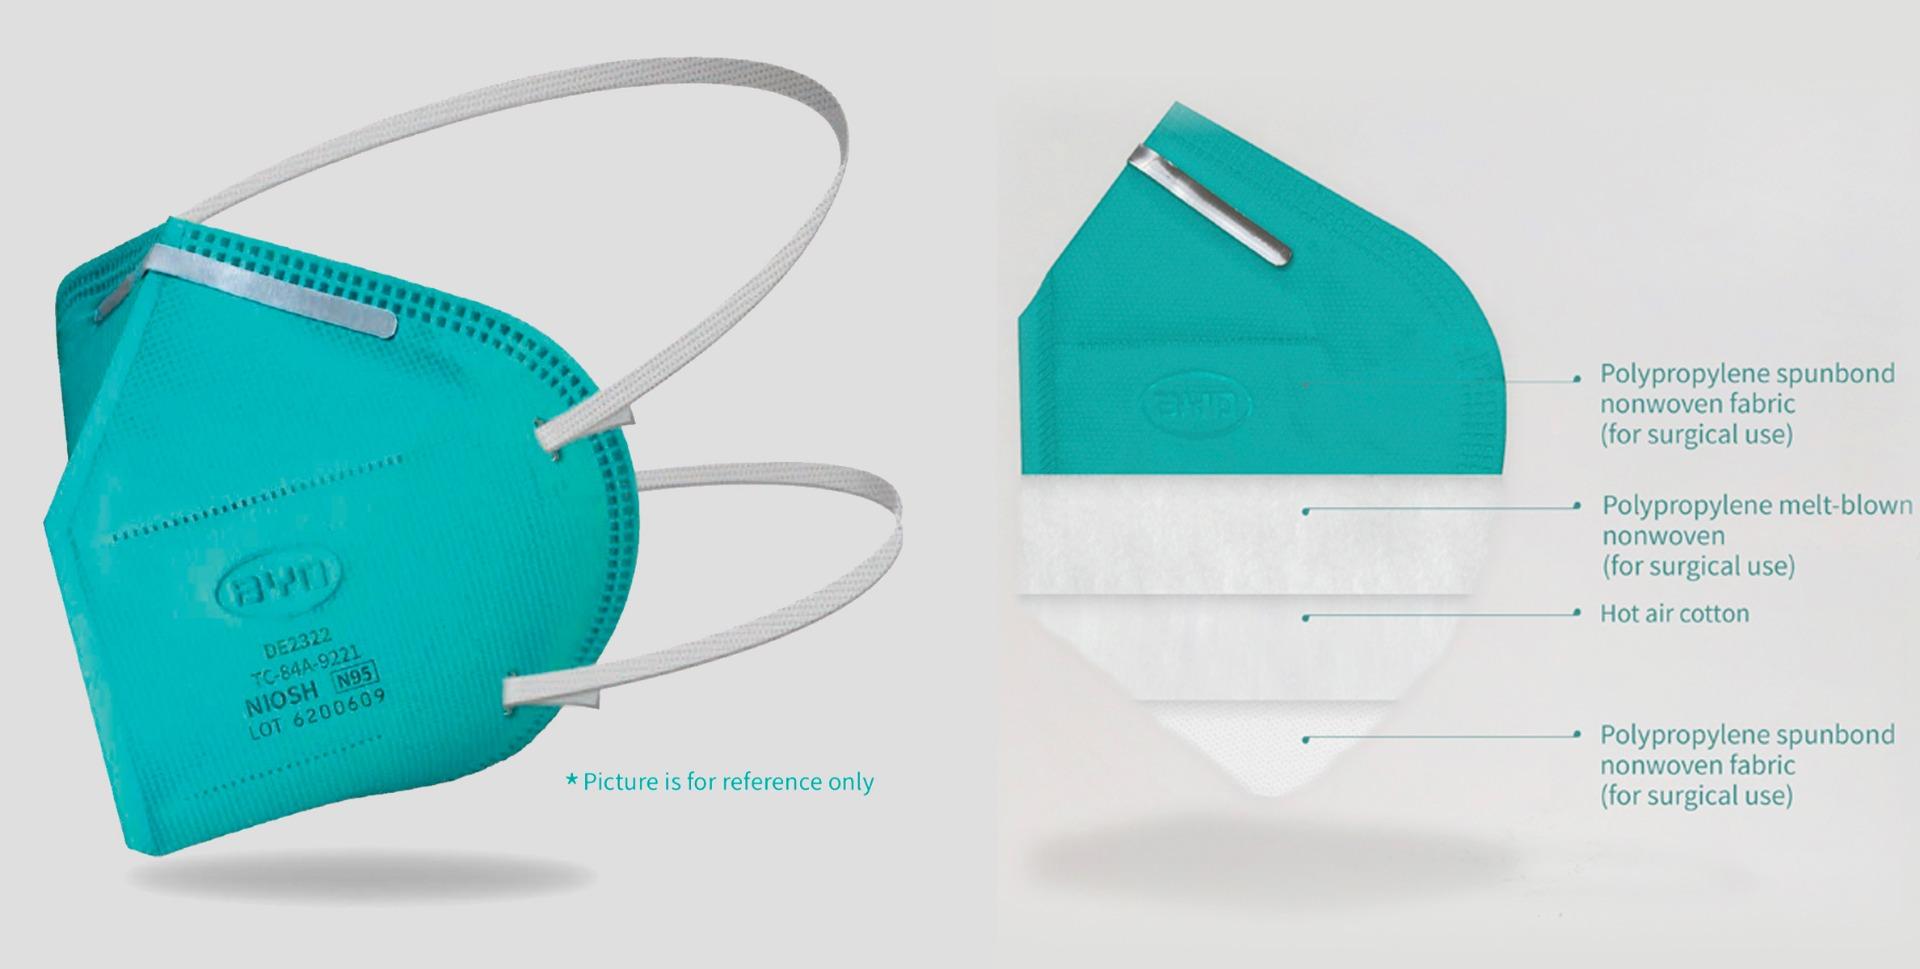 BYD N95 Mask